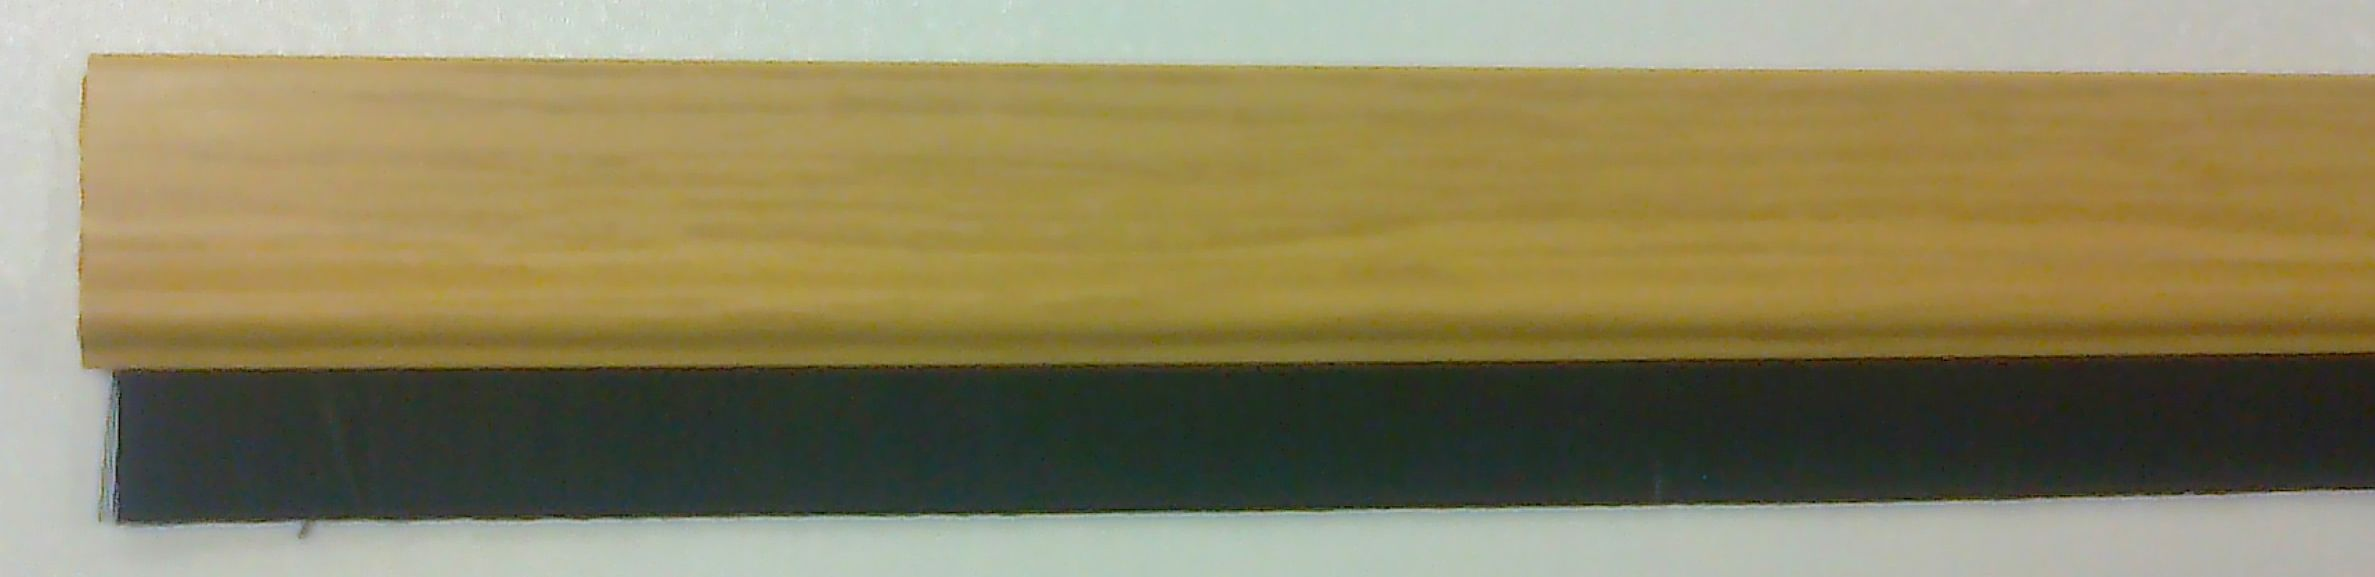 Kartáčová těsnící lišta na dveře dub (88015)